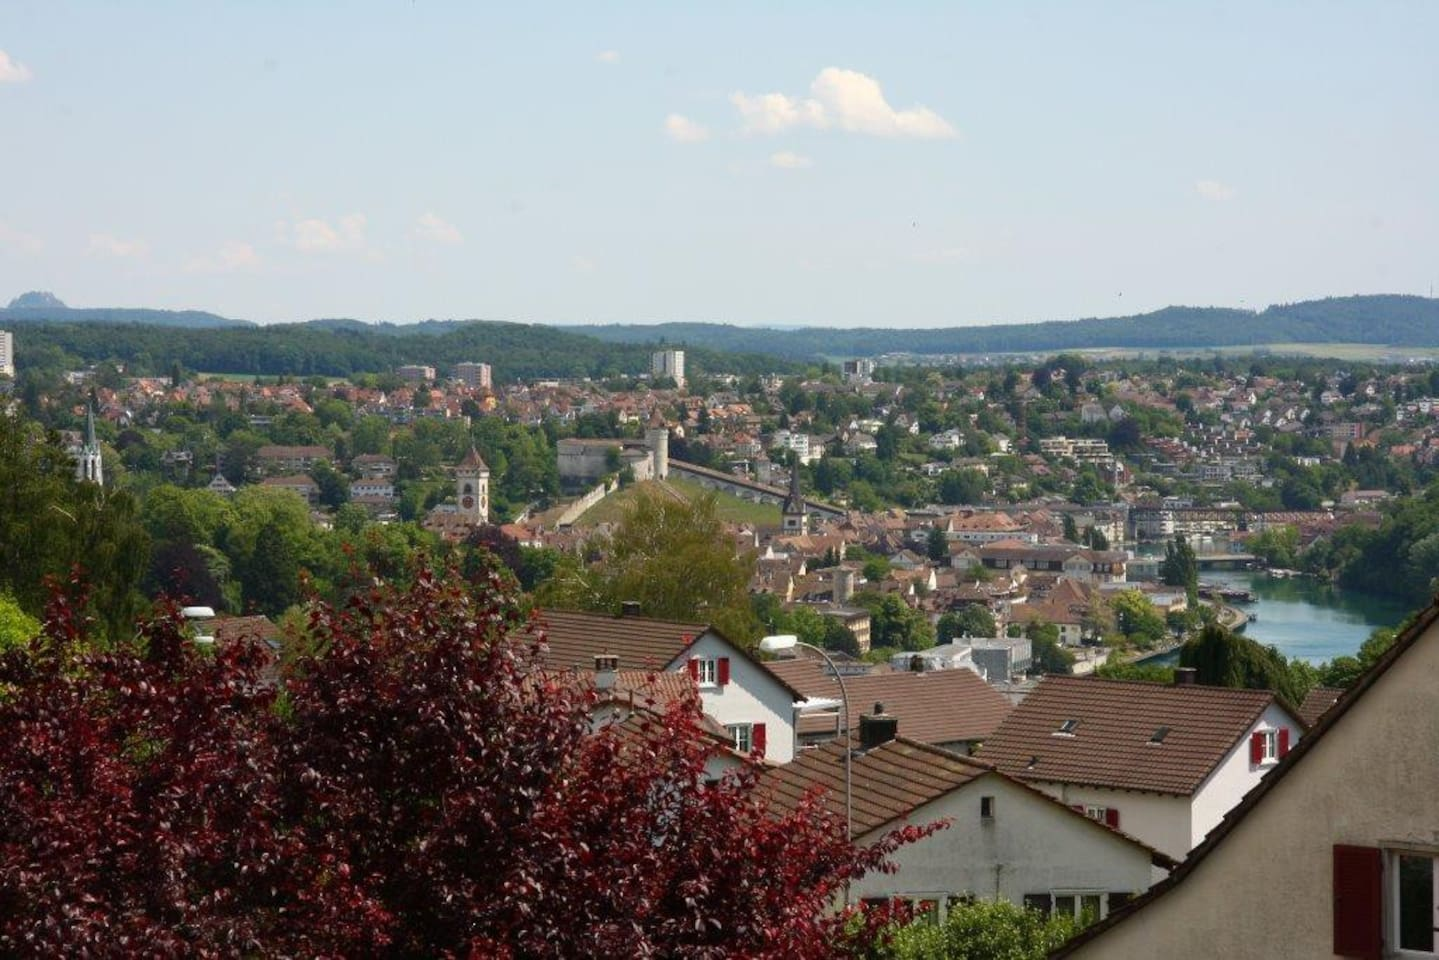 view to Schaffhausen